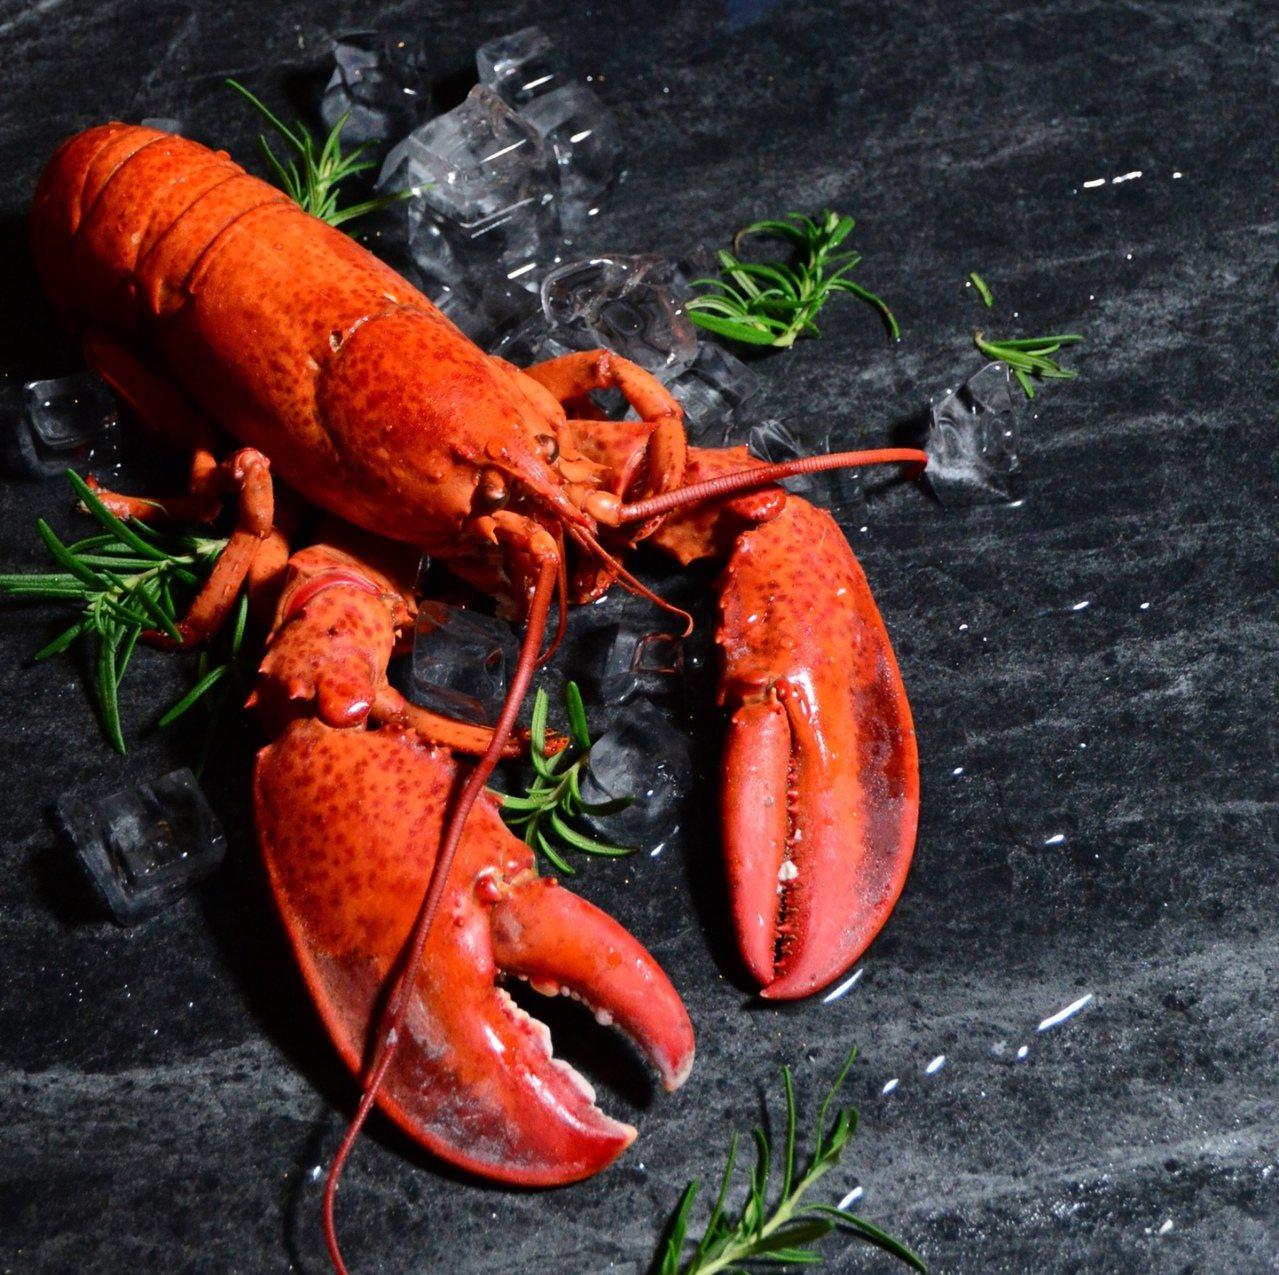 台北君品雲軒西餐廳推出用餐送加拿大龍蝦2隻。圖/台北君品酒店提供